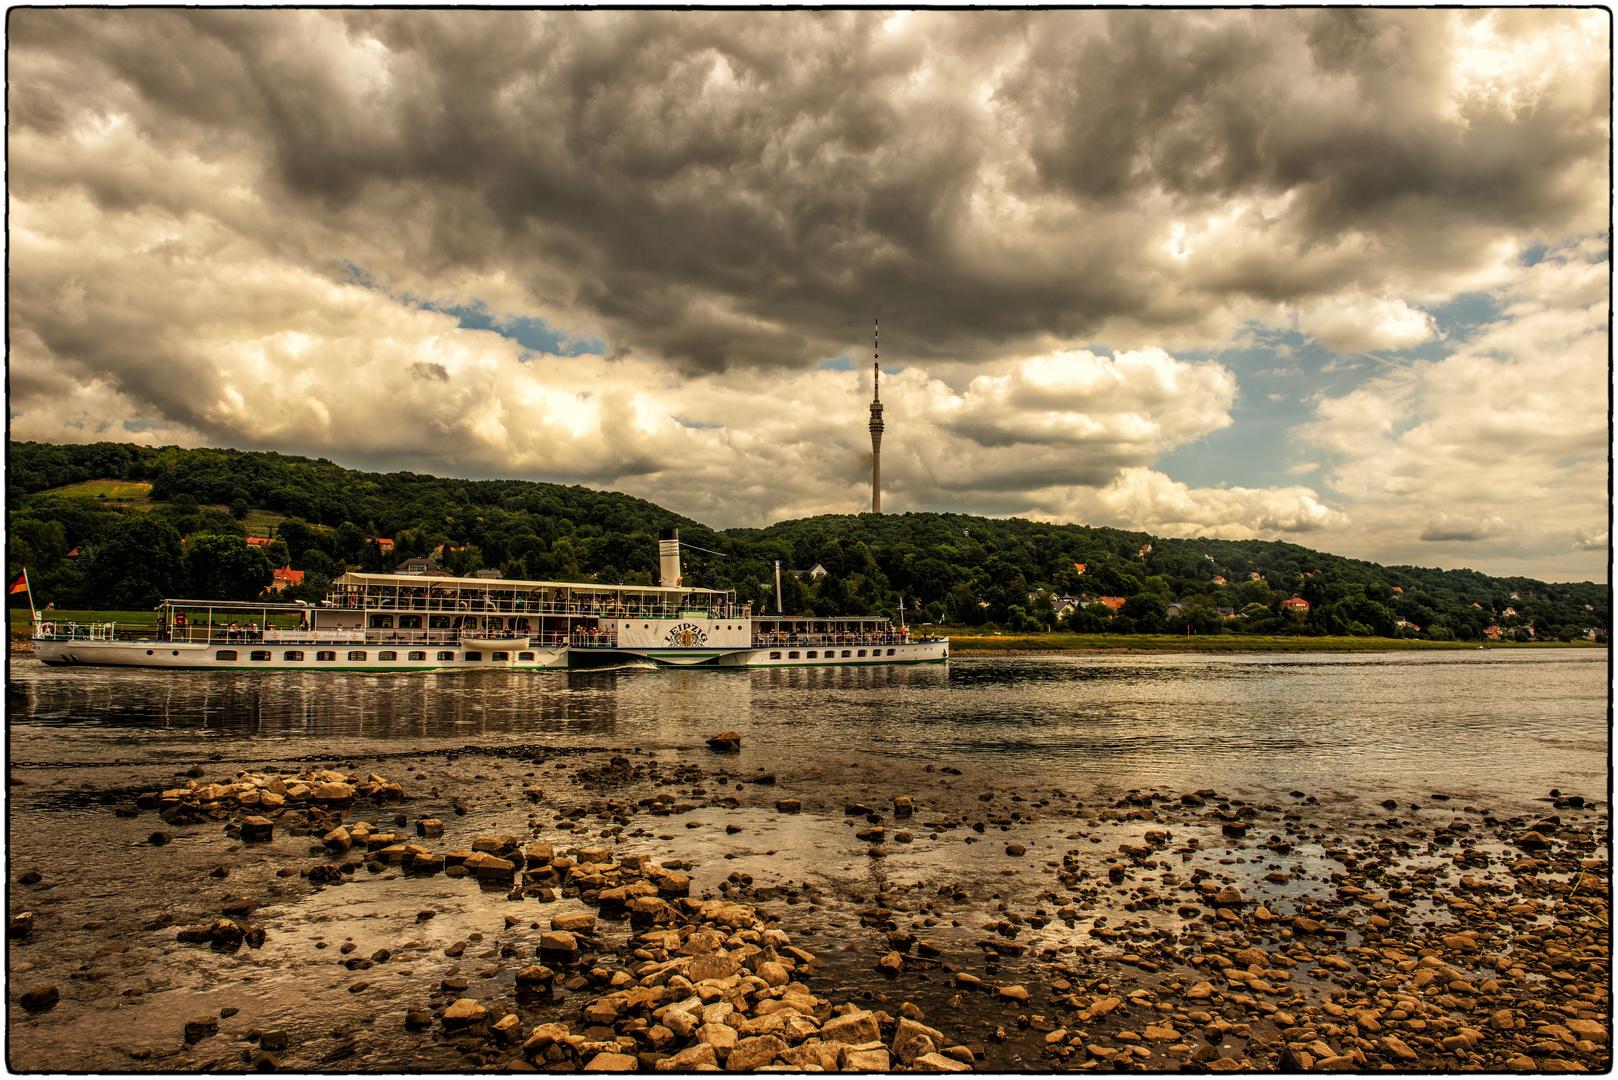 Dampferfahrt in Dresden mit wenig Wasser